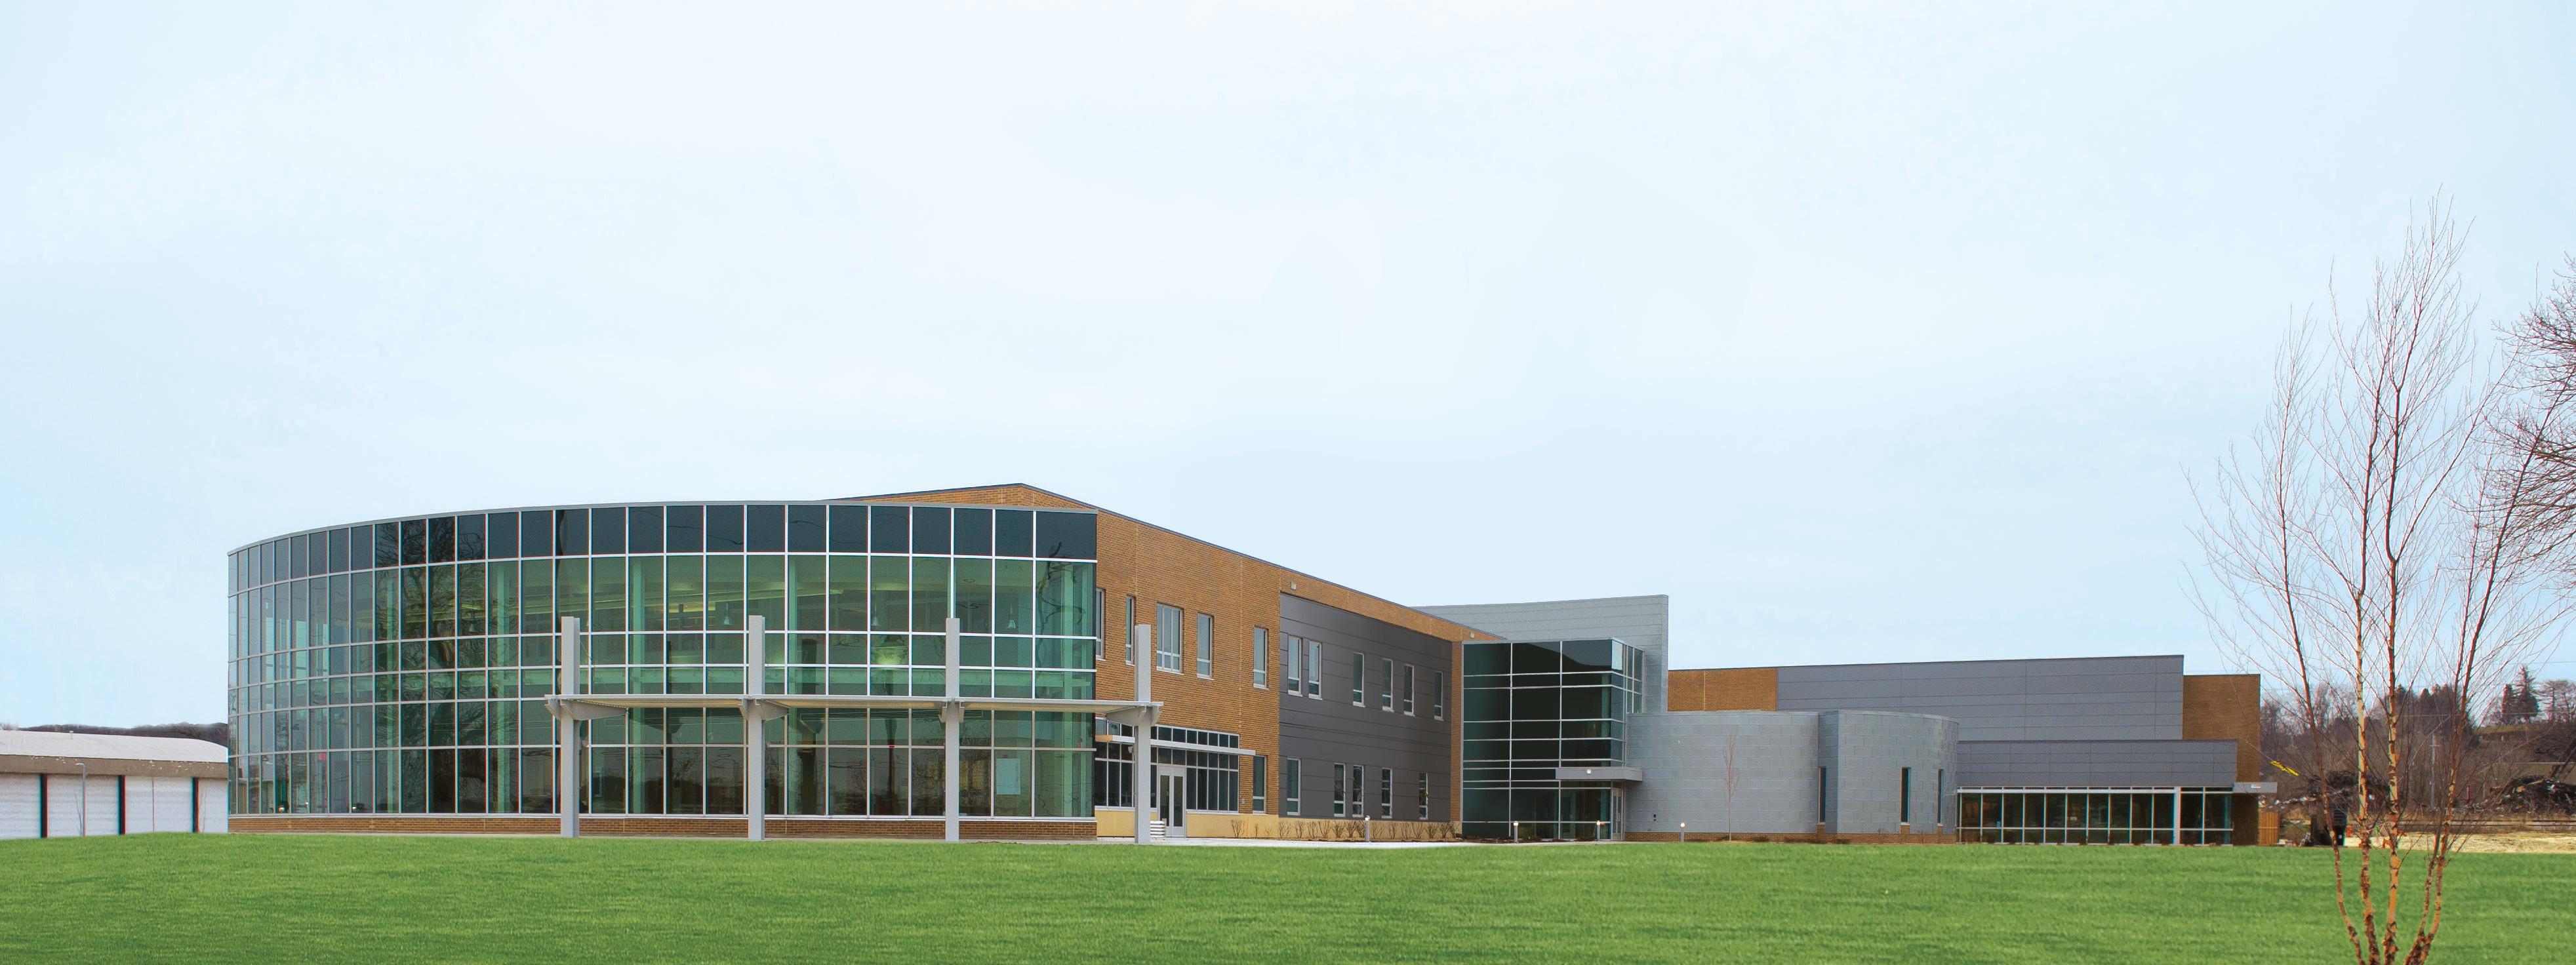 WIU Riverfront Campus